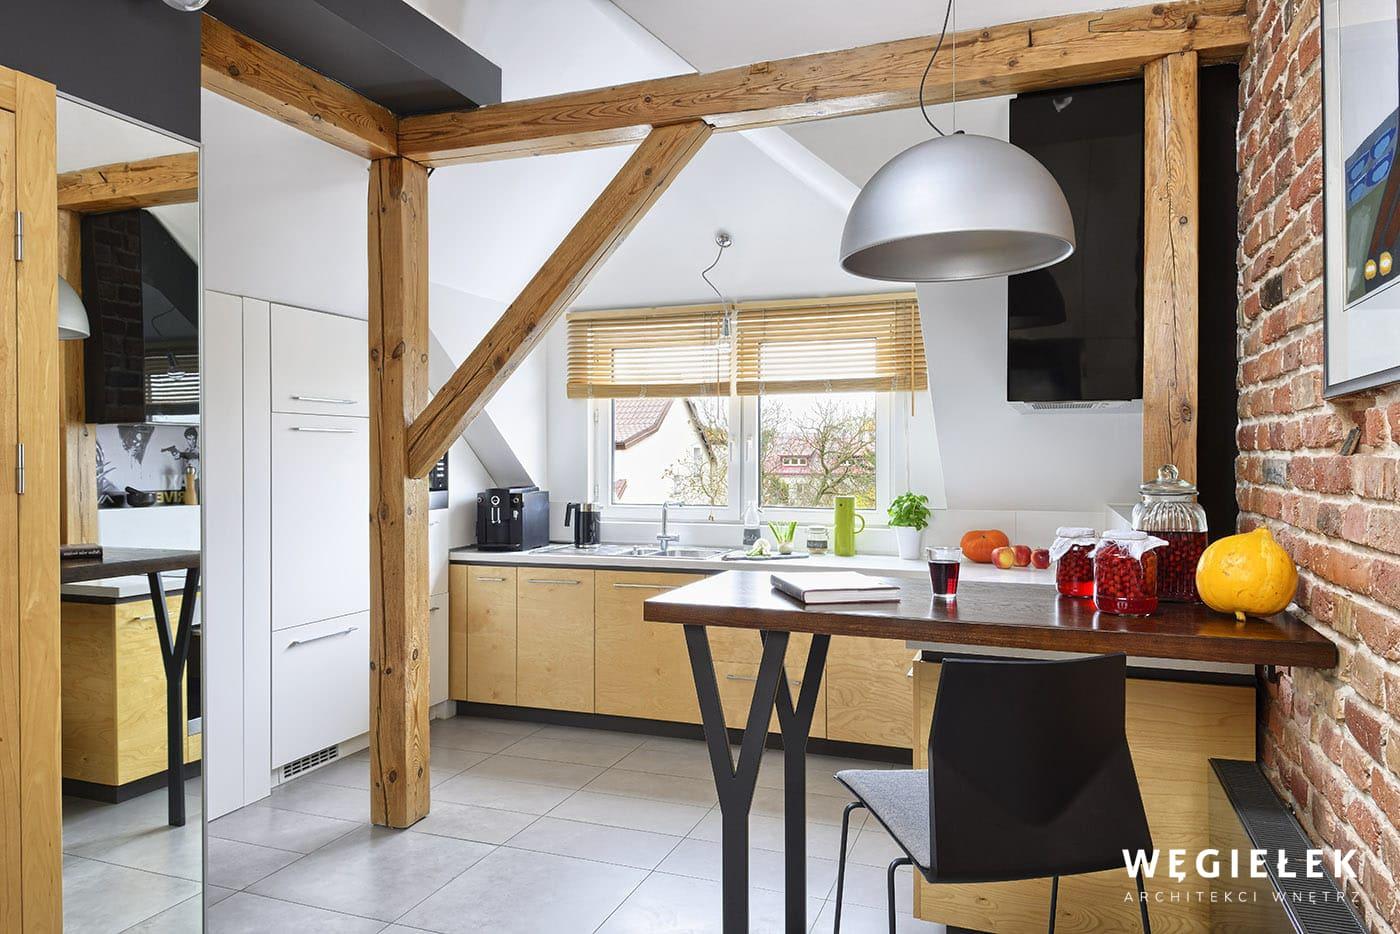 Drewniany blat barowy stanowi świetne uzupełnienie kuchni i wyznacza umowną granicę z salonem. Architekt wnętrz na tym poddaszu przymocował go do ściany.